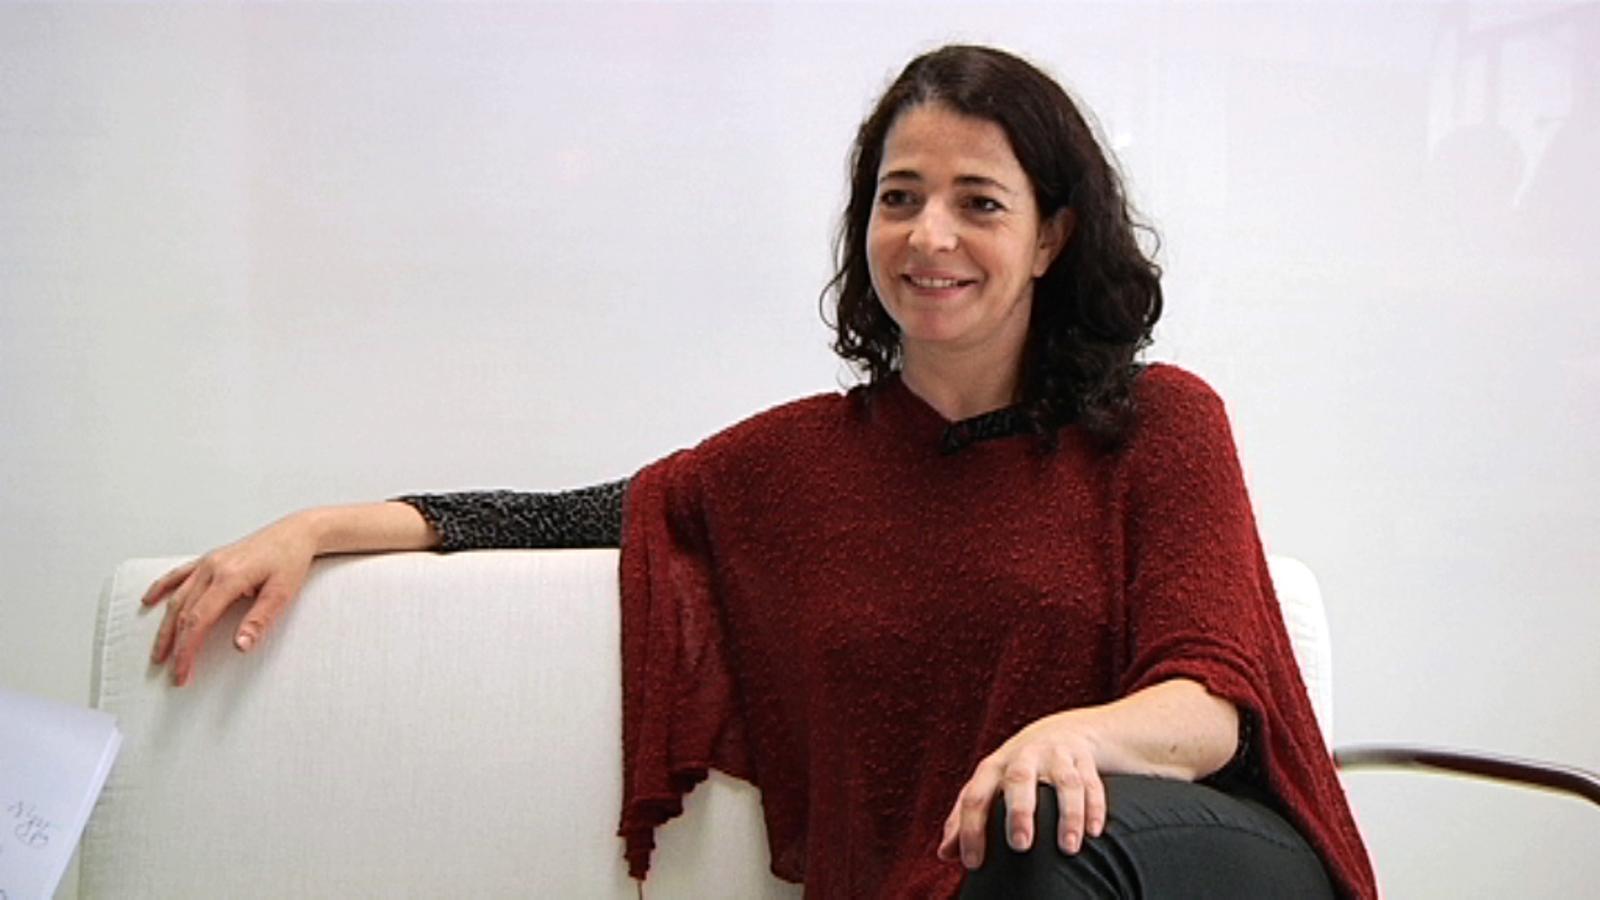 Nora Navas: Em vaig enamorar de tot a l'Argentina i m'hi vaig quedar un any